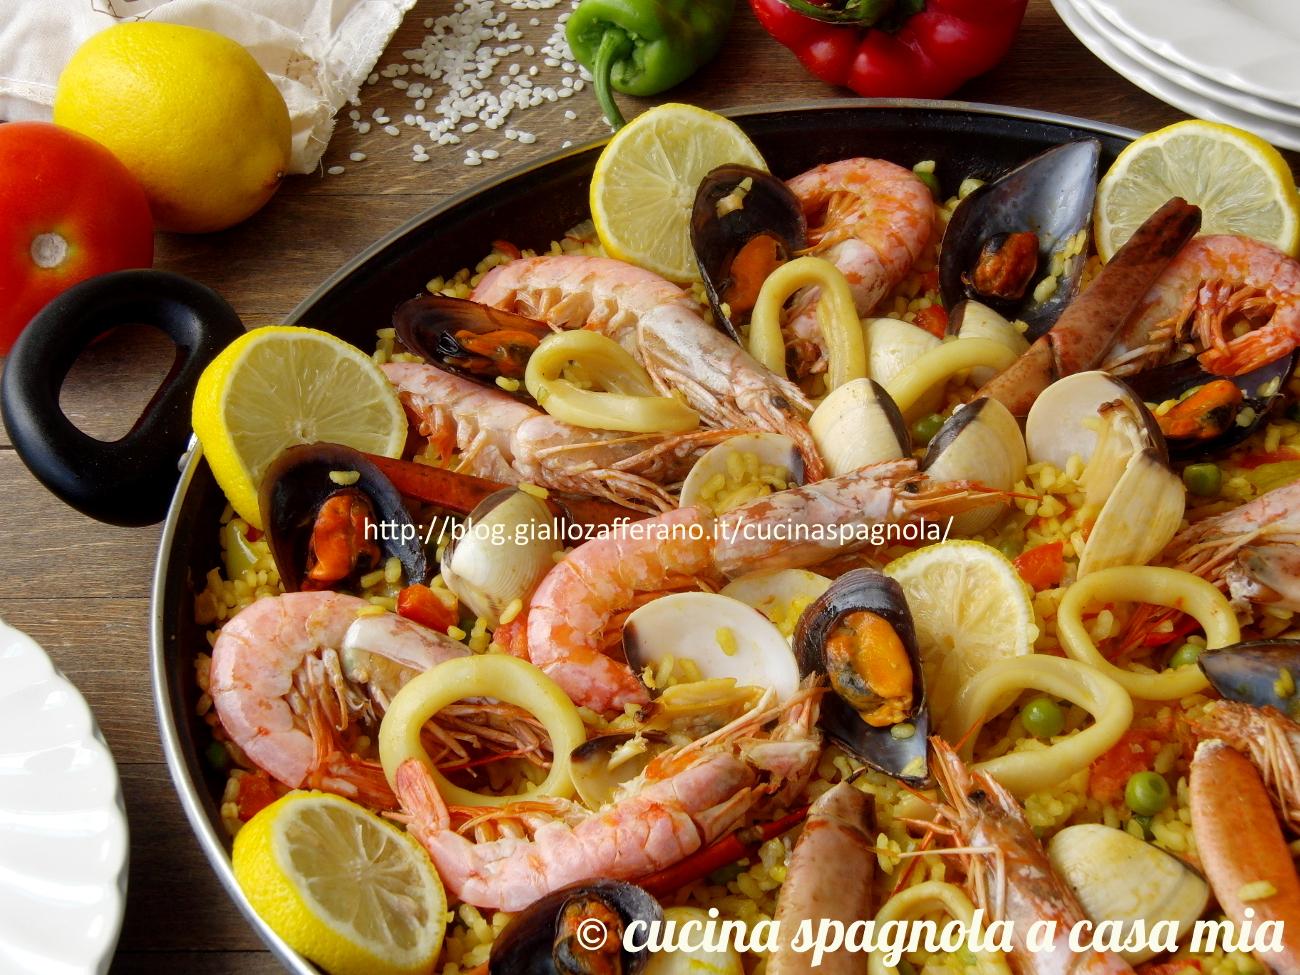 Paella di pesce e verdure la ricetta spagnola originale for Ricette spagnole